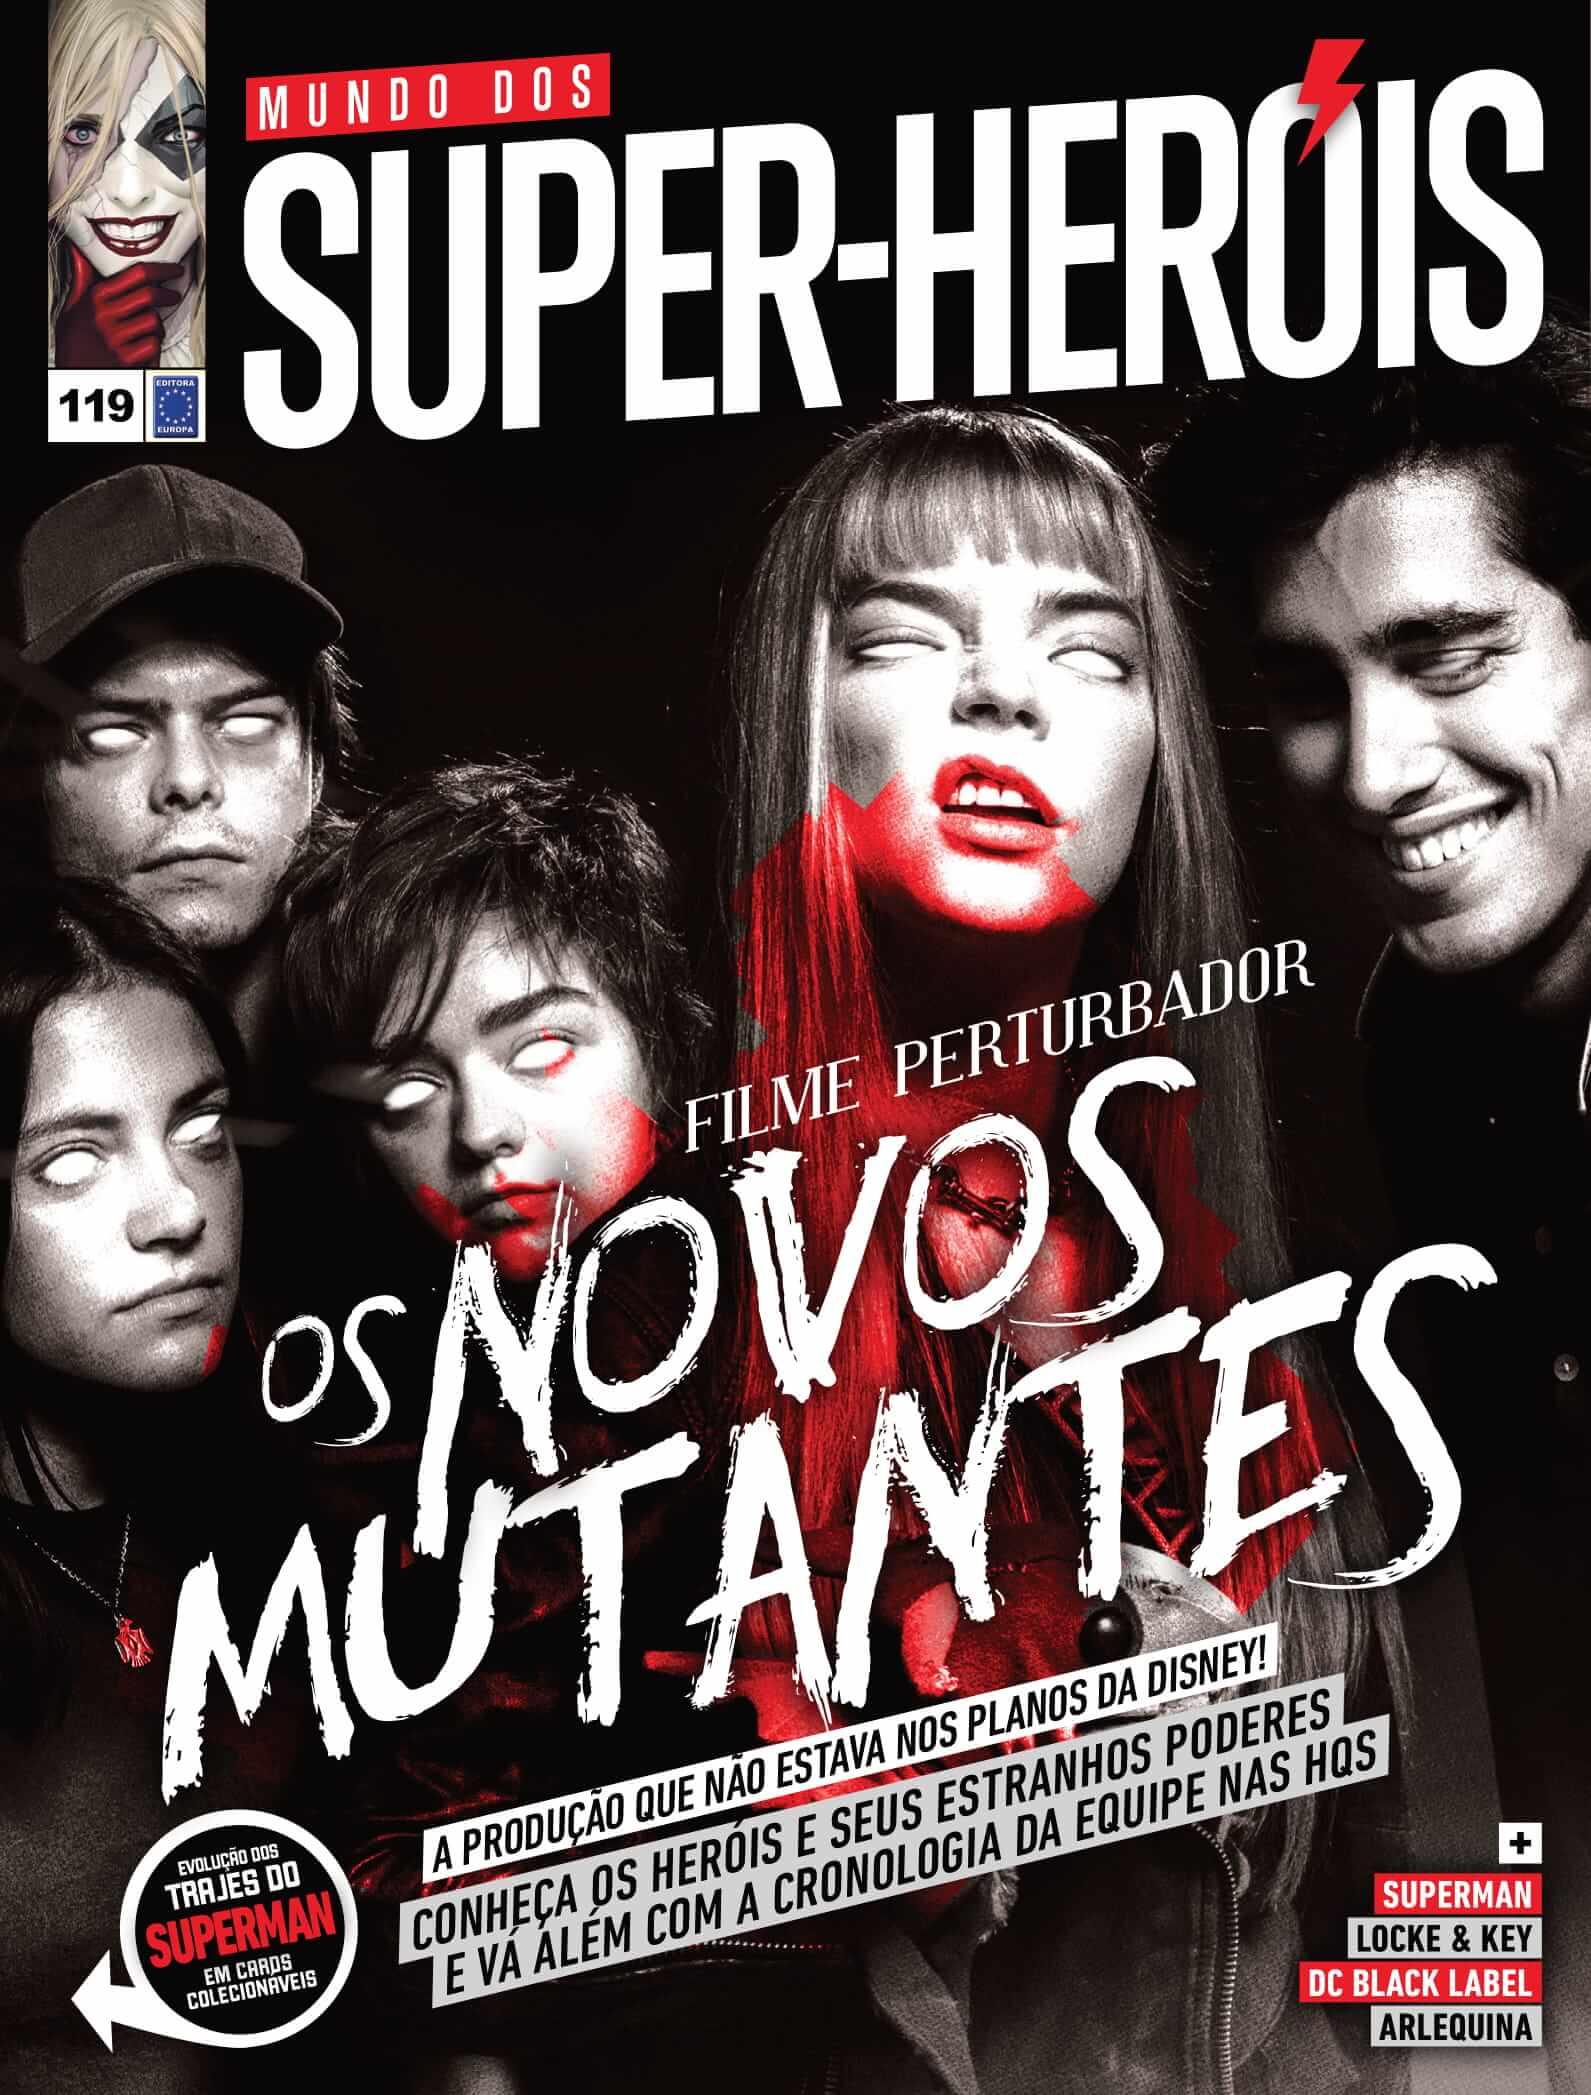 Os Novos Mutantes - Filme pertubador A produção que não estava nos planos da Disney! Conheça os heróis e seus estranhos poderes e vá além com a cronologia da equipe nas HQs  E mais Superman Locke & Key DC Black Label Arlequina